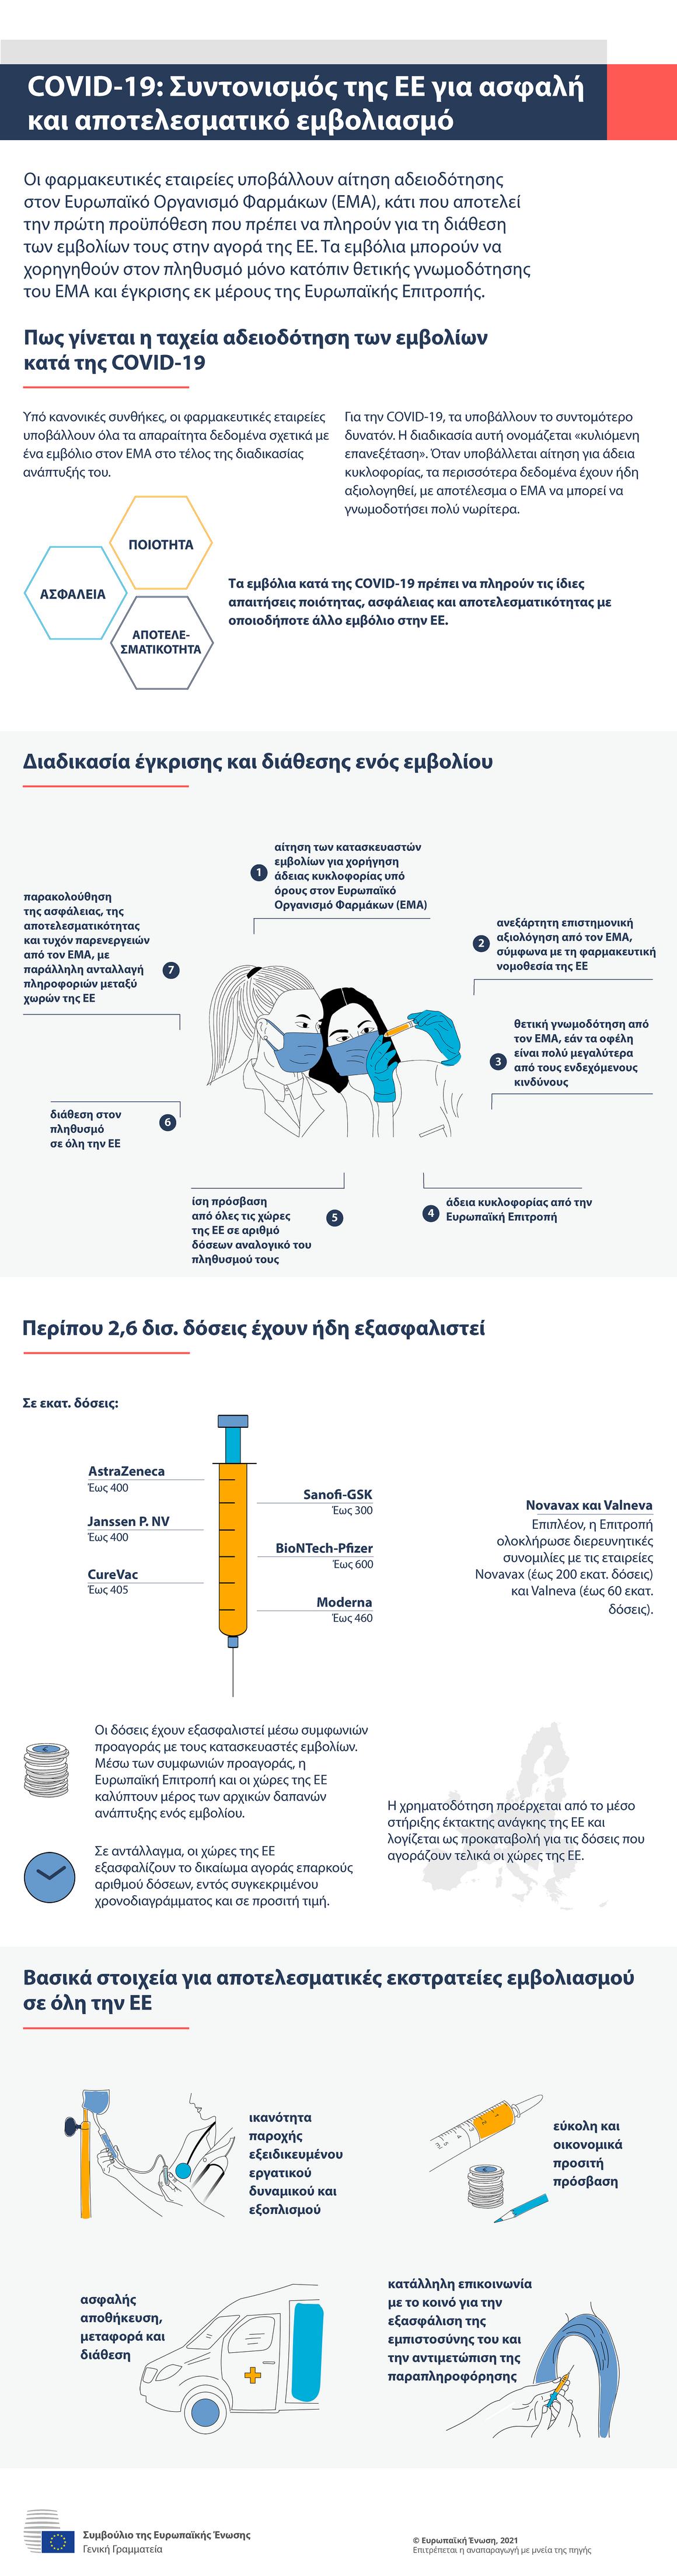 Ενημερωτικό γράφημα — COVID-19: Συντονισμός σε επίπεδο ΕΕ για ασφαλή και αποτελεσματικό εμβολιασμό